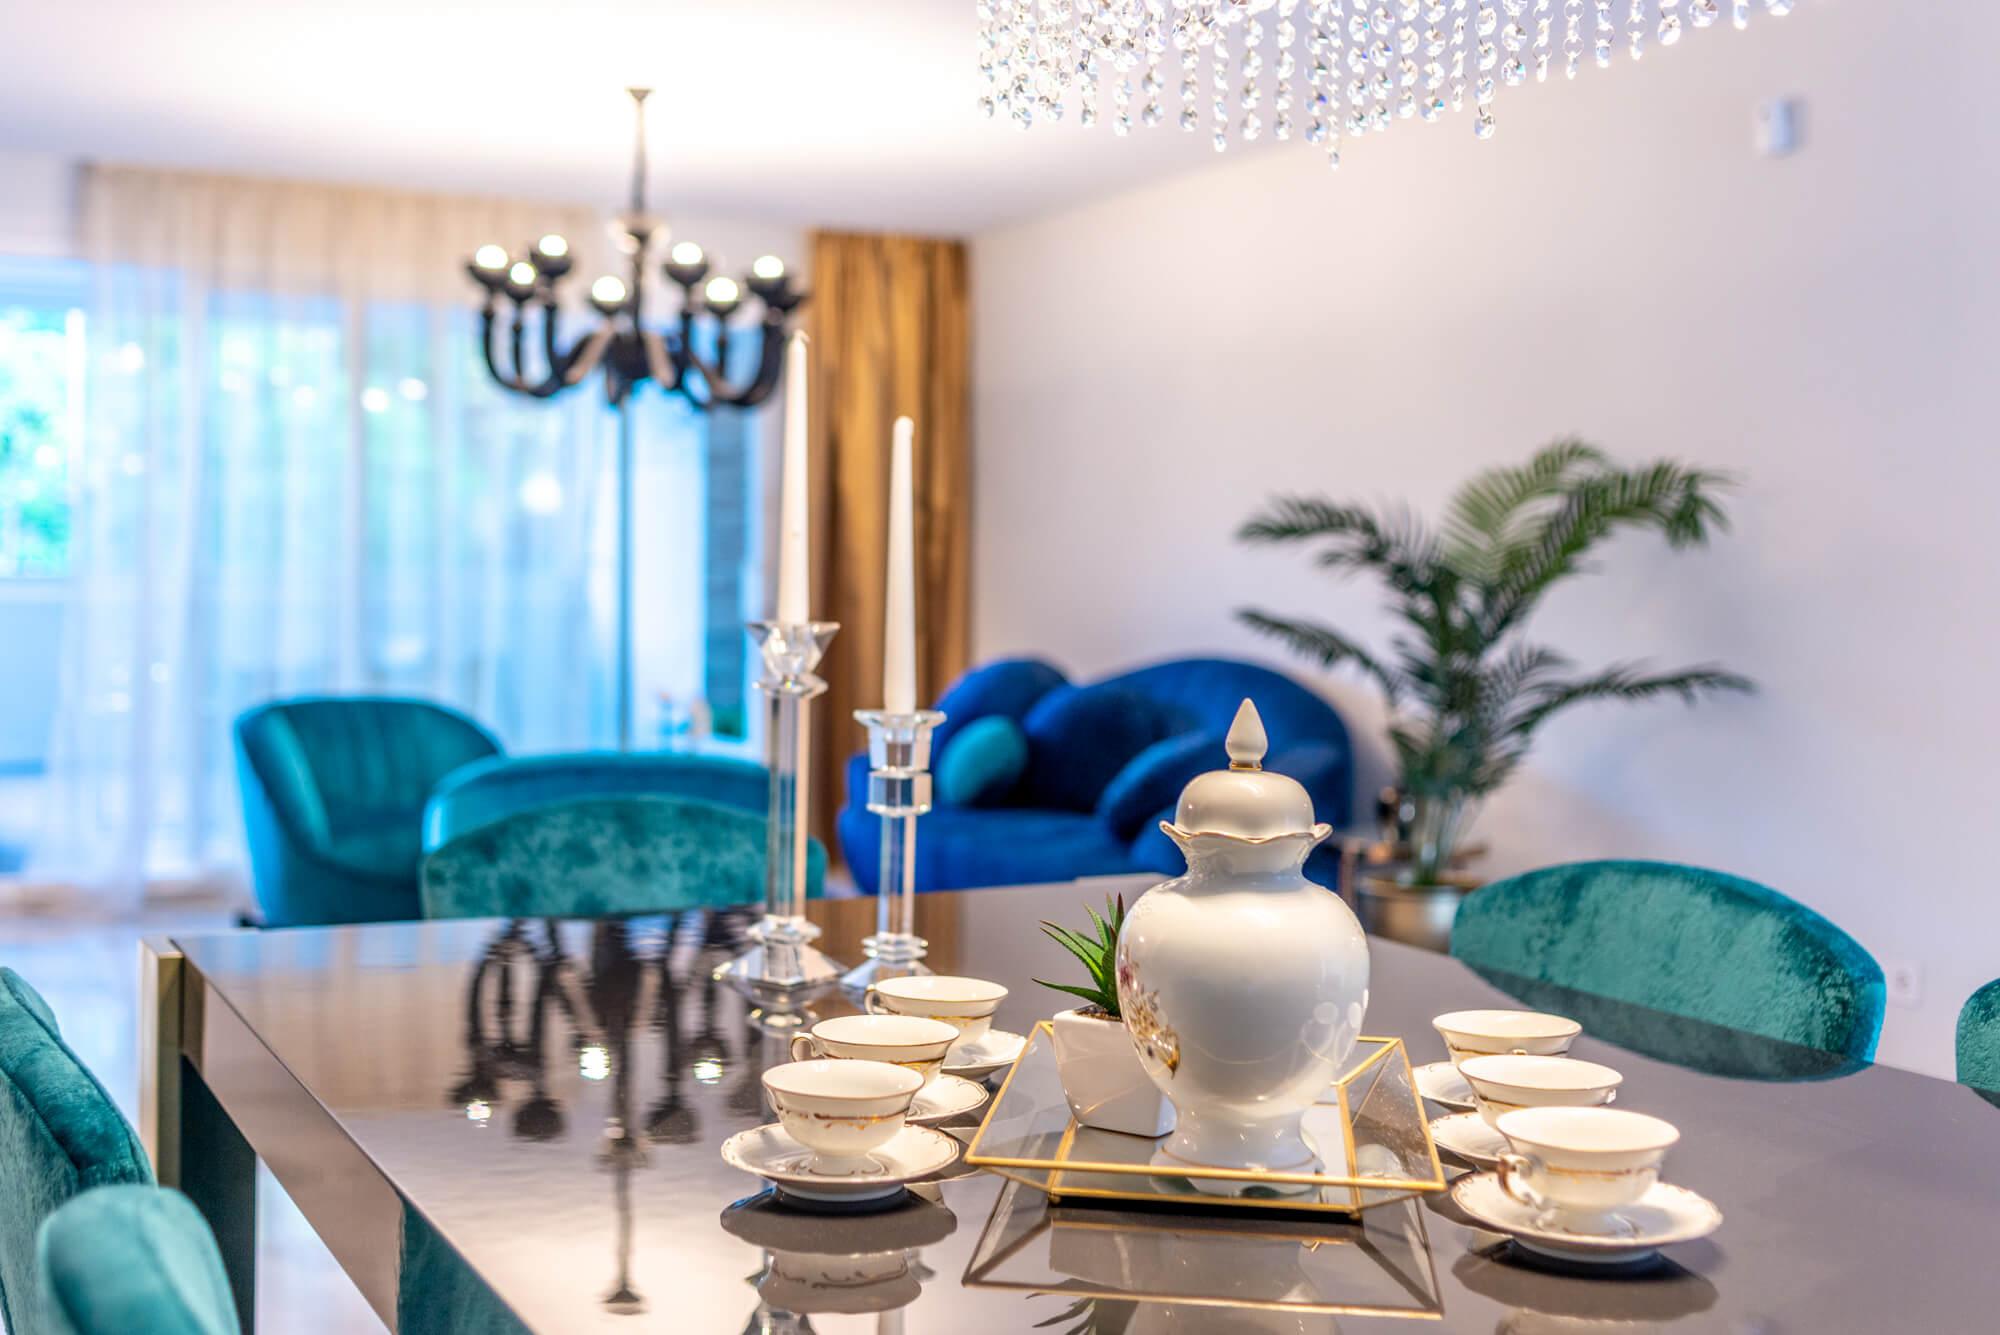 """Дизайн интерьера в Марбелье, Коста дель Соль. Студия интерьерного дизайна """"Tania Marbella Interior Design"""" расположенная в Марбелье осуществляет услуги дизайна интерьера в Марбелье и на Коста дель Соль."""